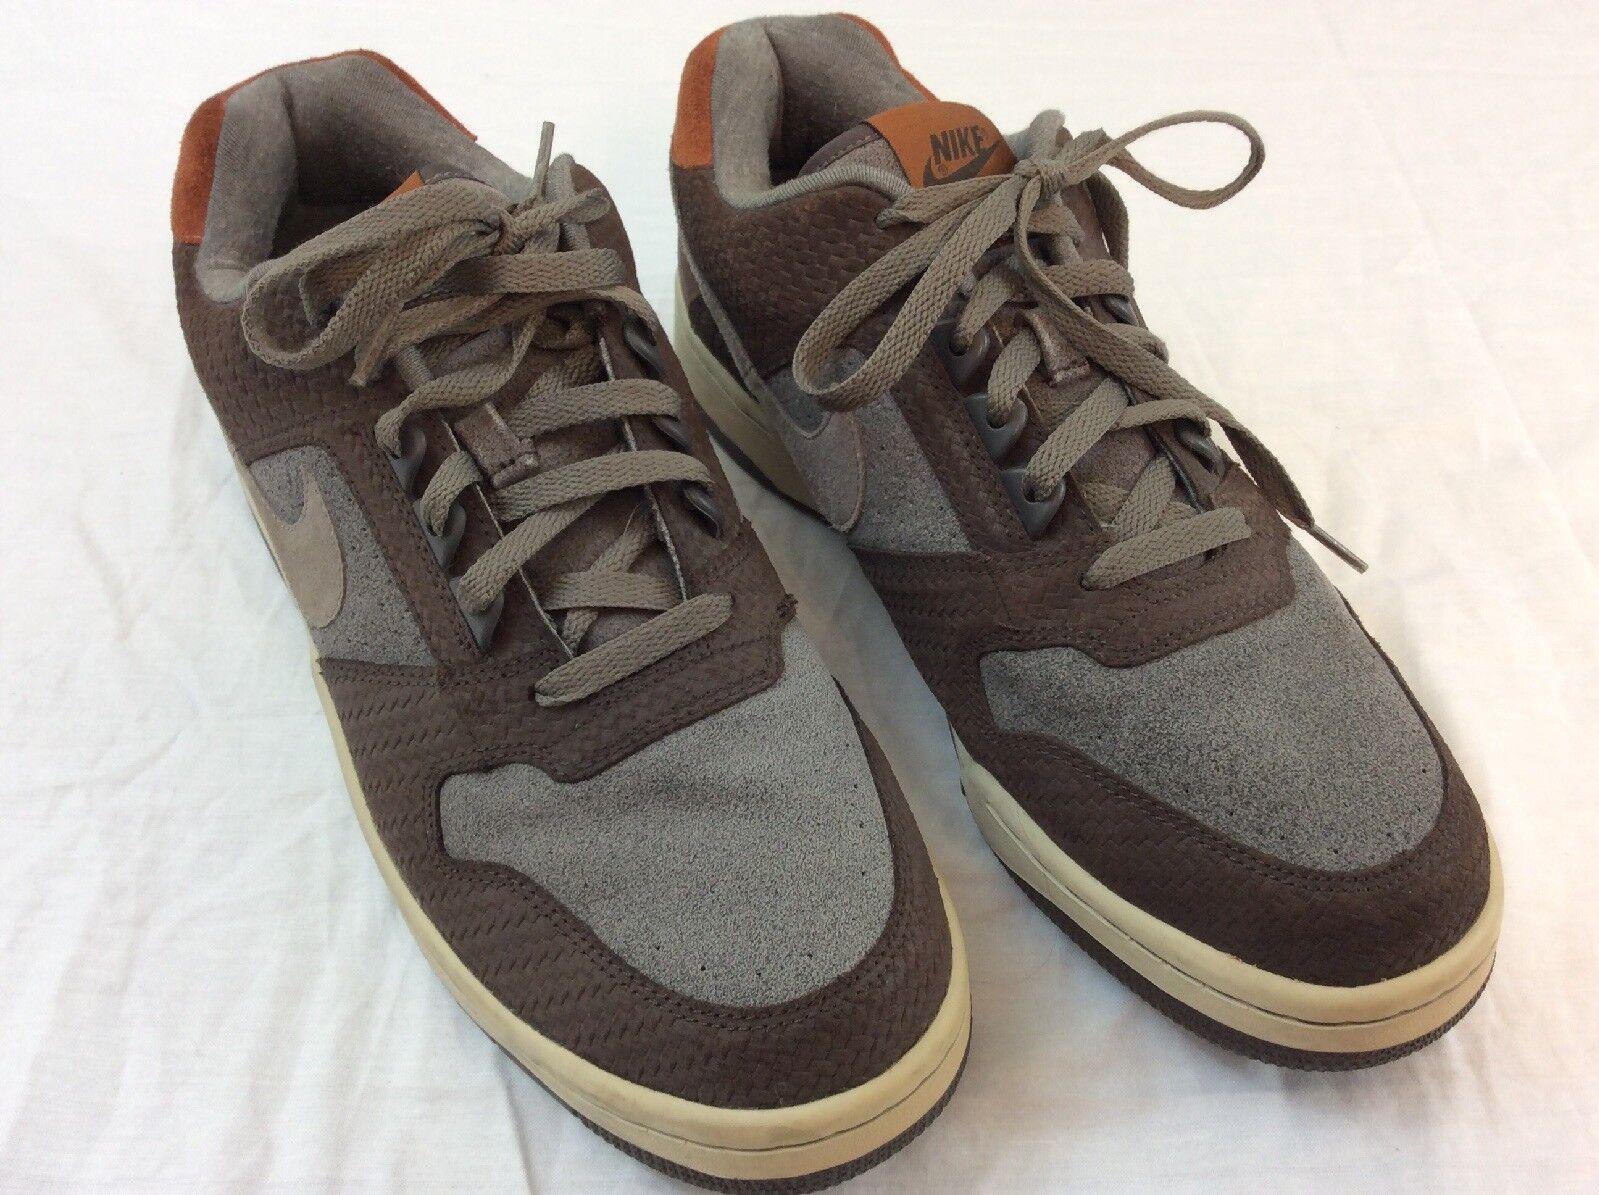 Nike delta - - force - delta mens größe 12 dunkle asche grauen 314167-203 schuhe c47716